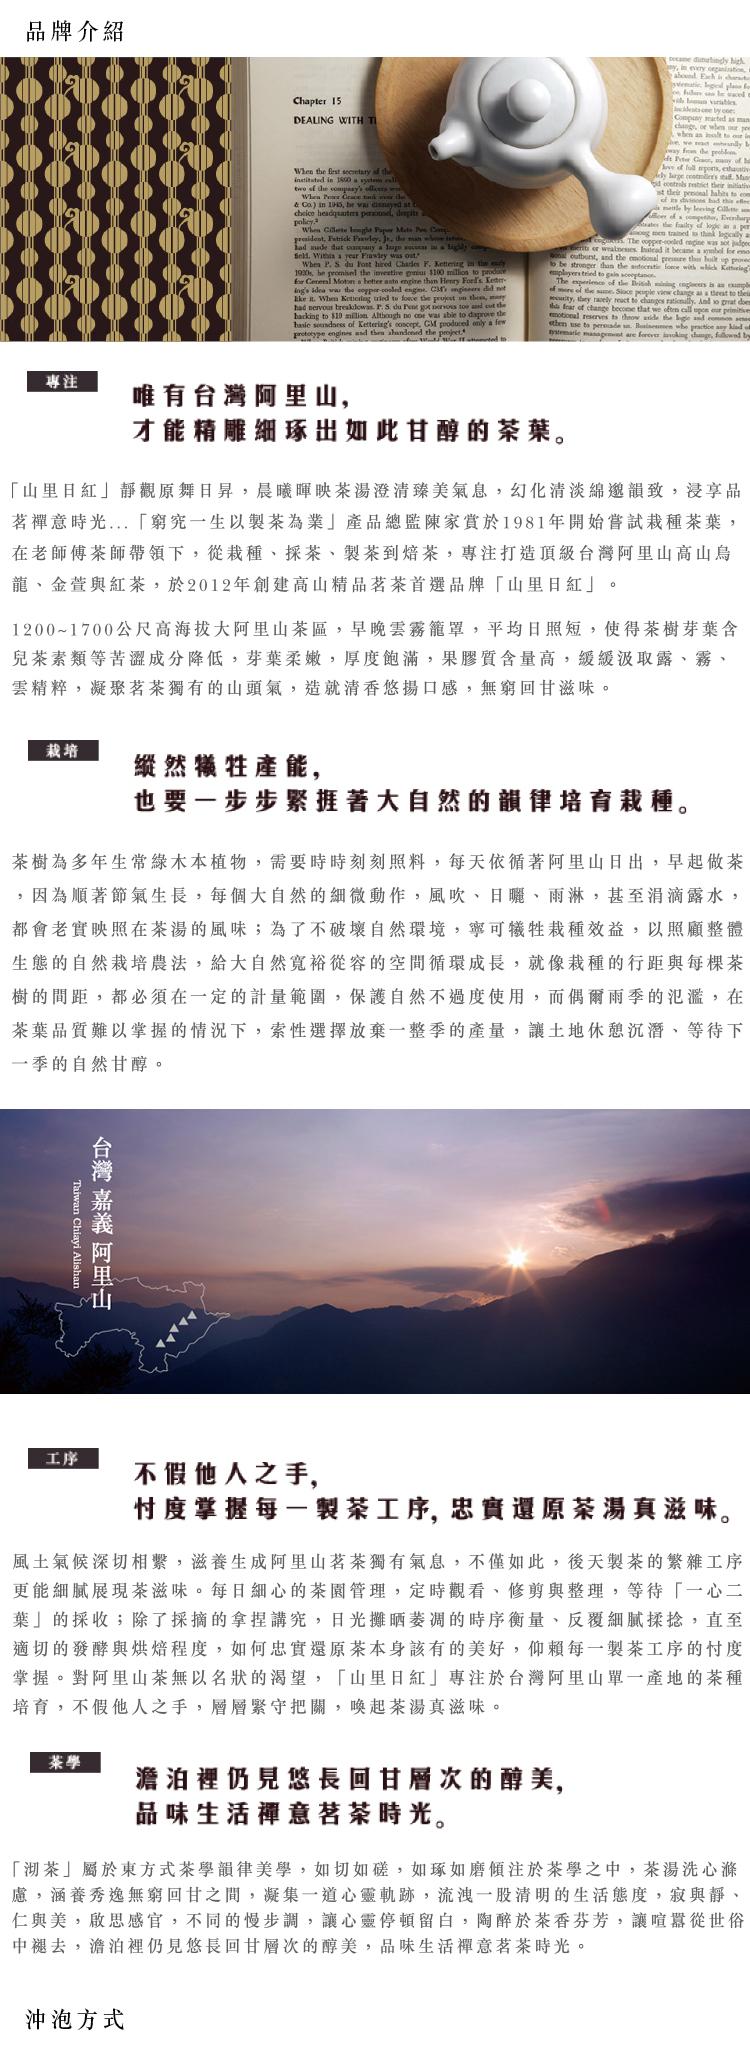 山里日紅 雲映紅茶 100g